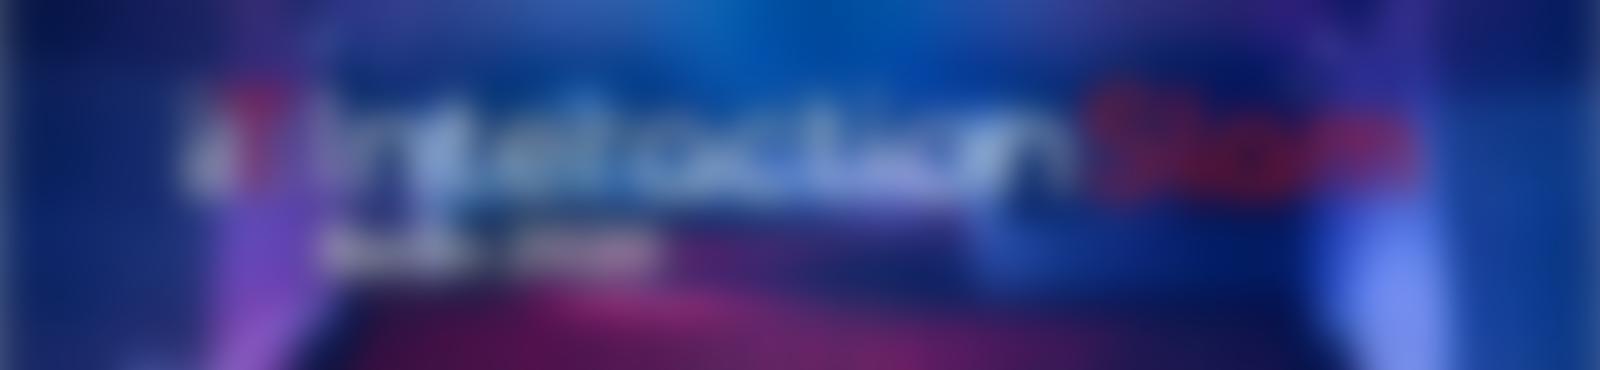 Blurred ab3f7a44 c738 4891 9f42 3bda21b9508b